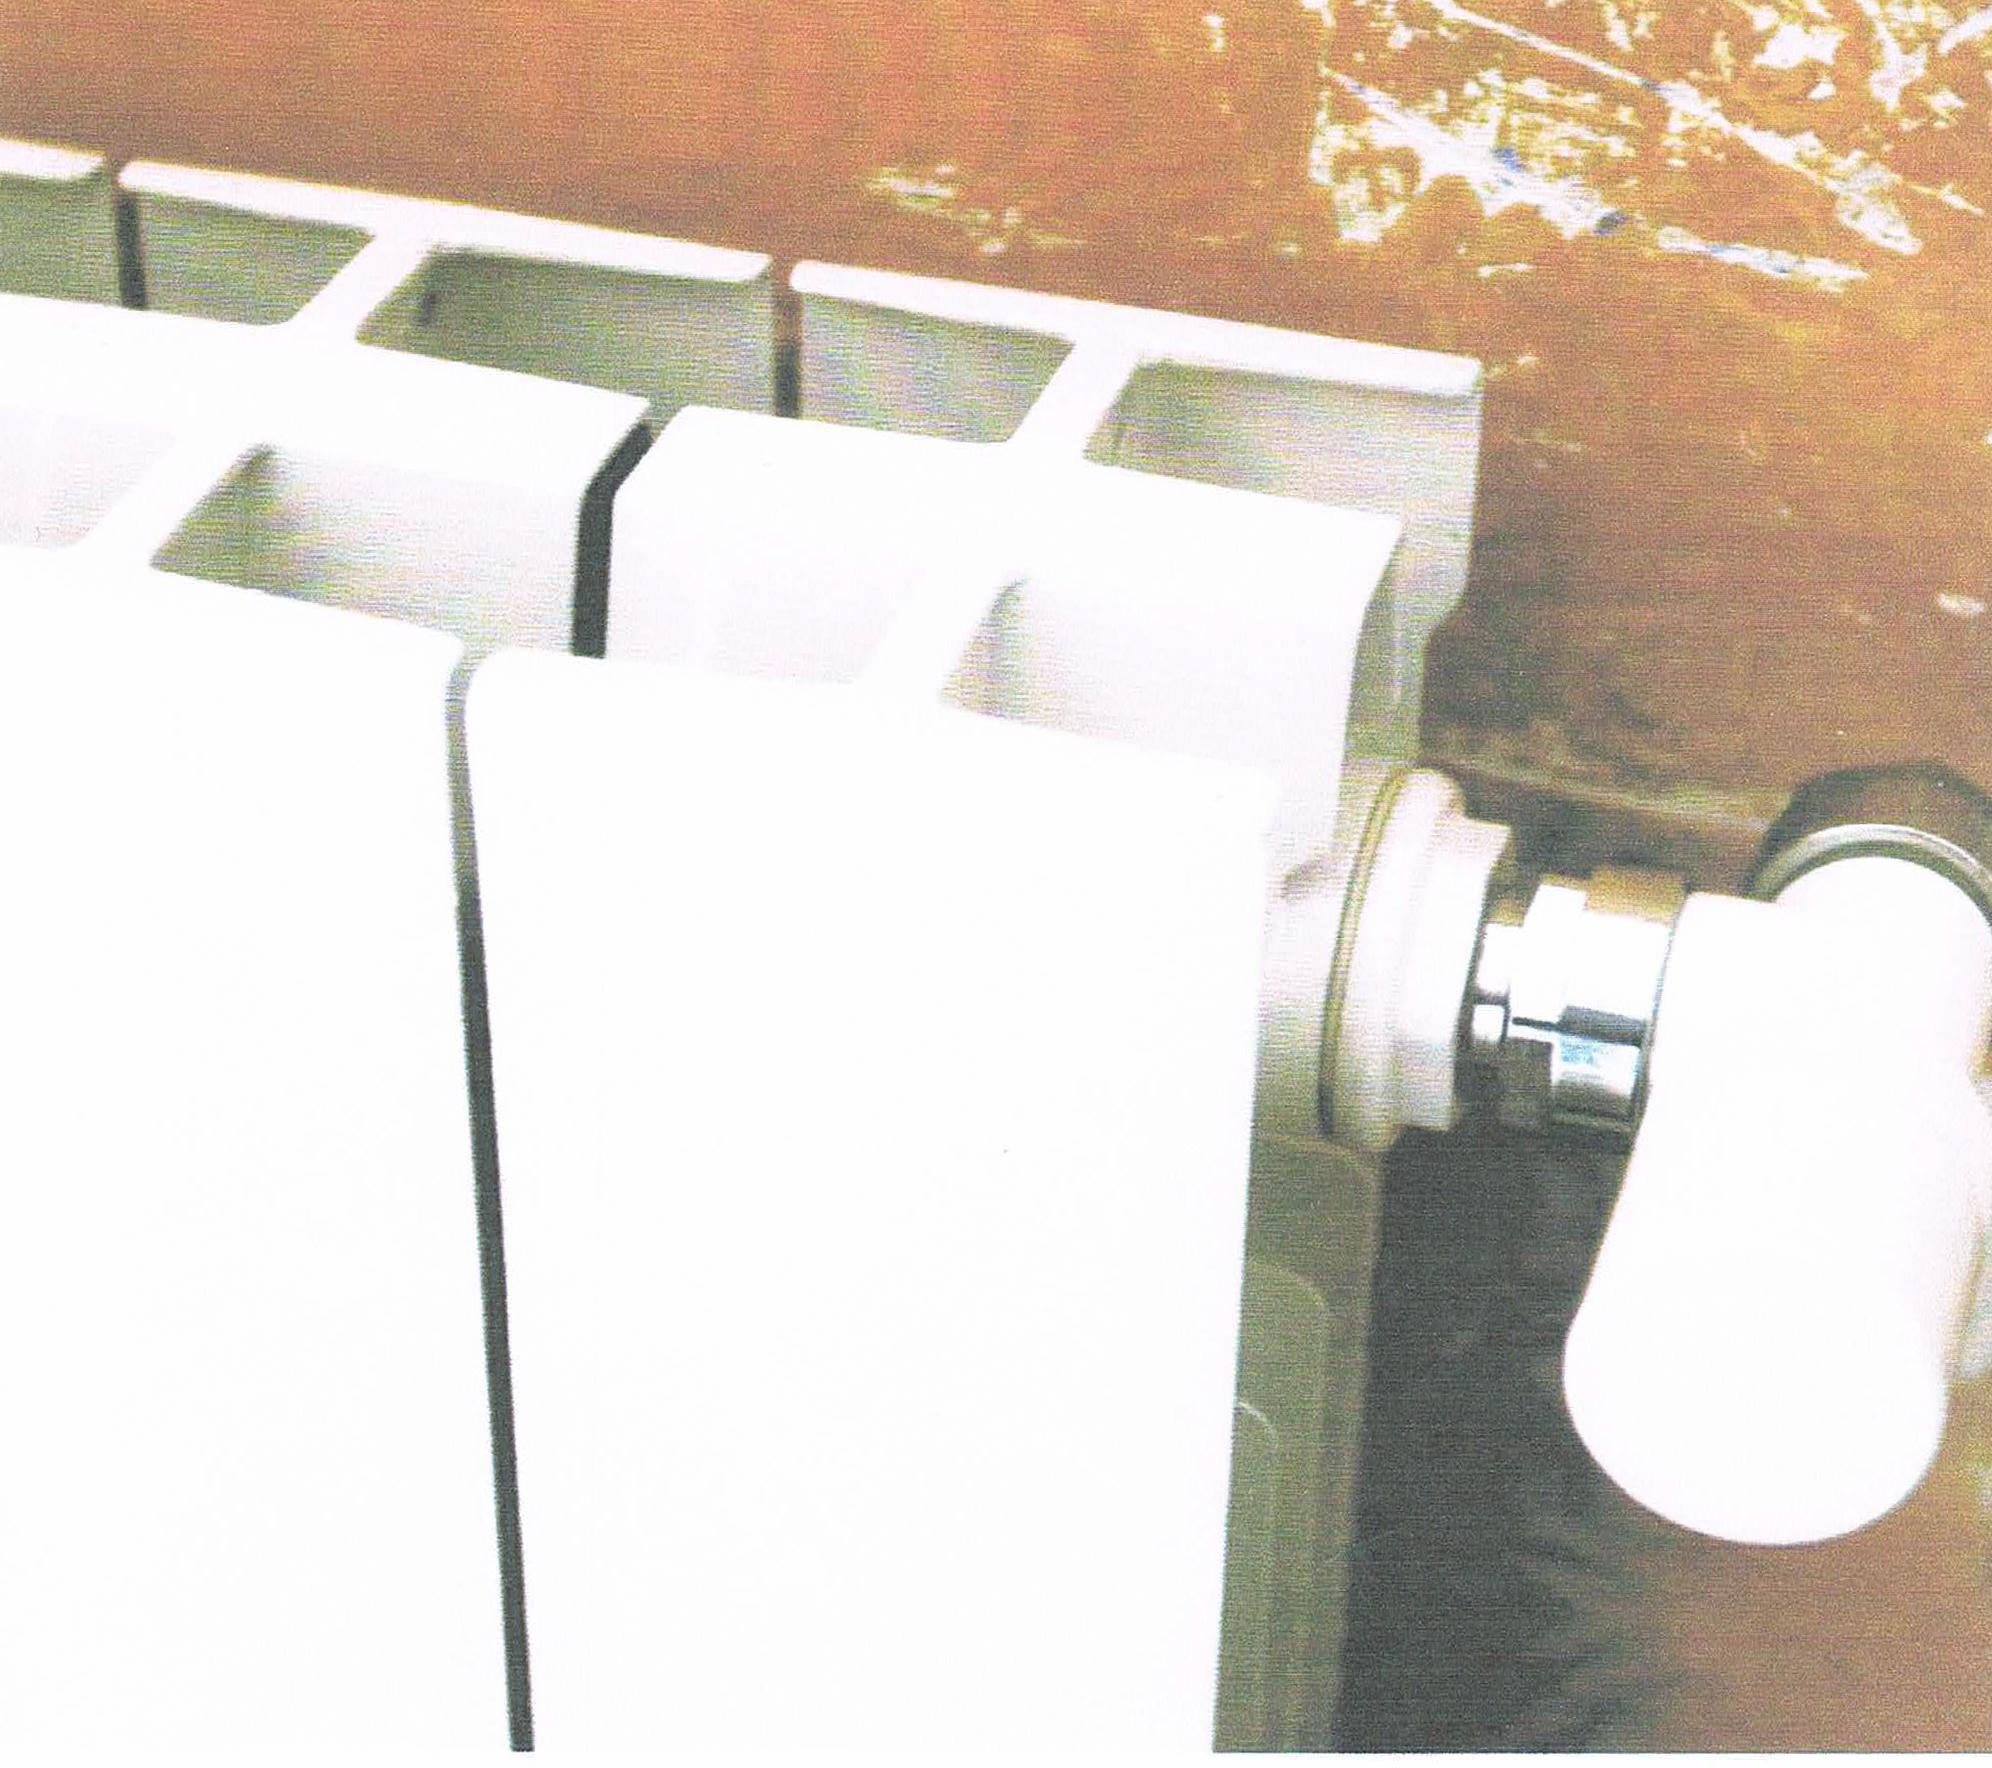 berechnungsbeispiel aluminiumheizk rper eldor. Black Bedroom Furniture Sets. Home Design Ideas